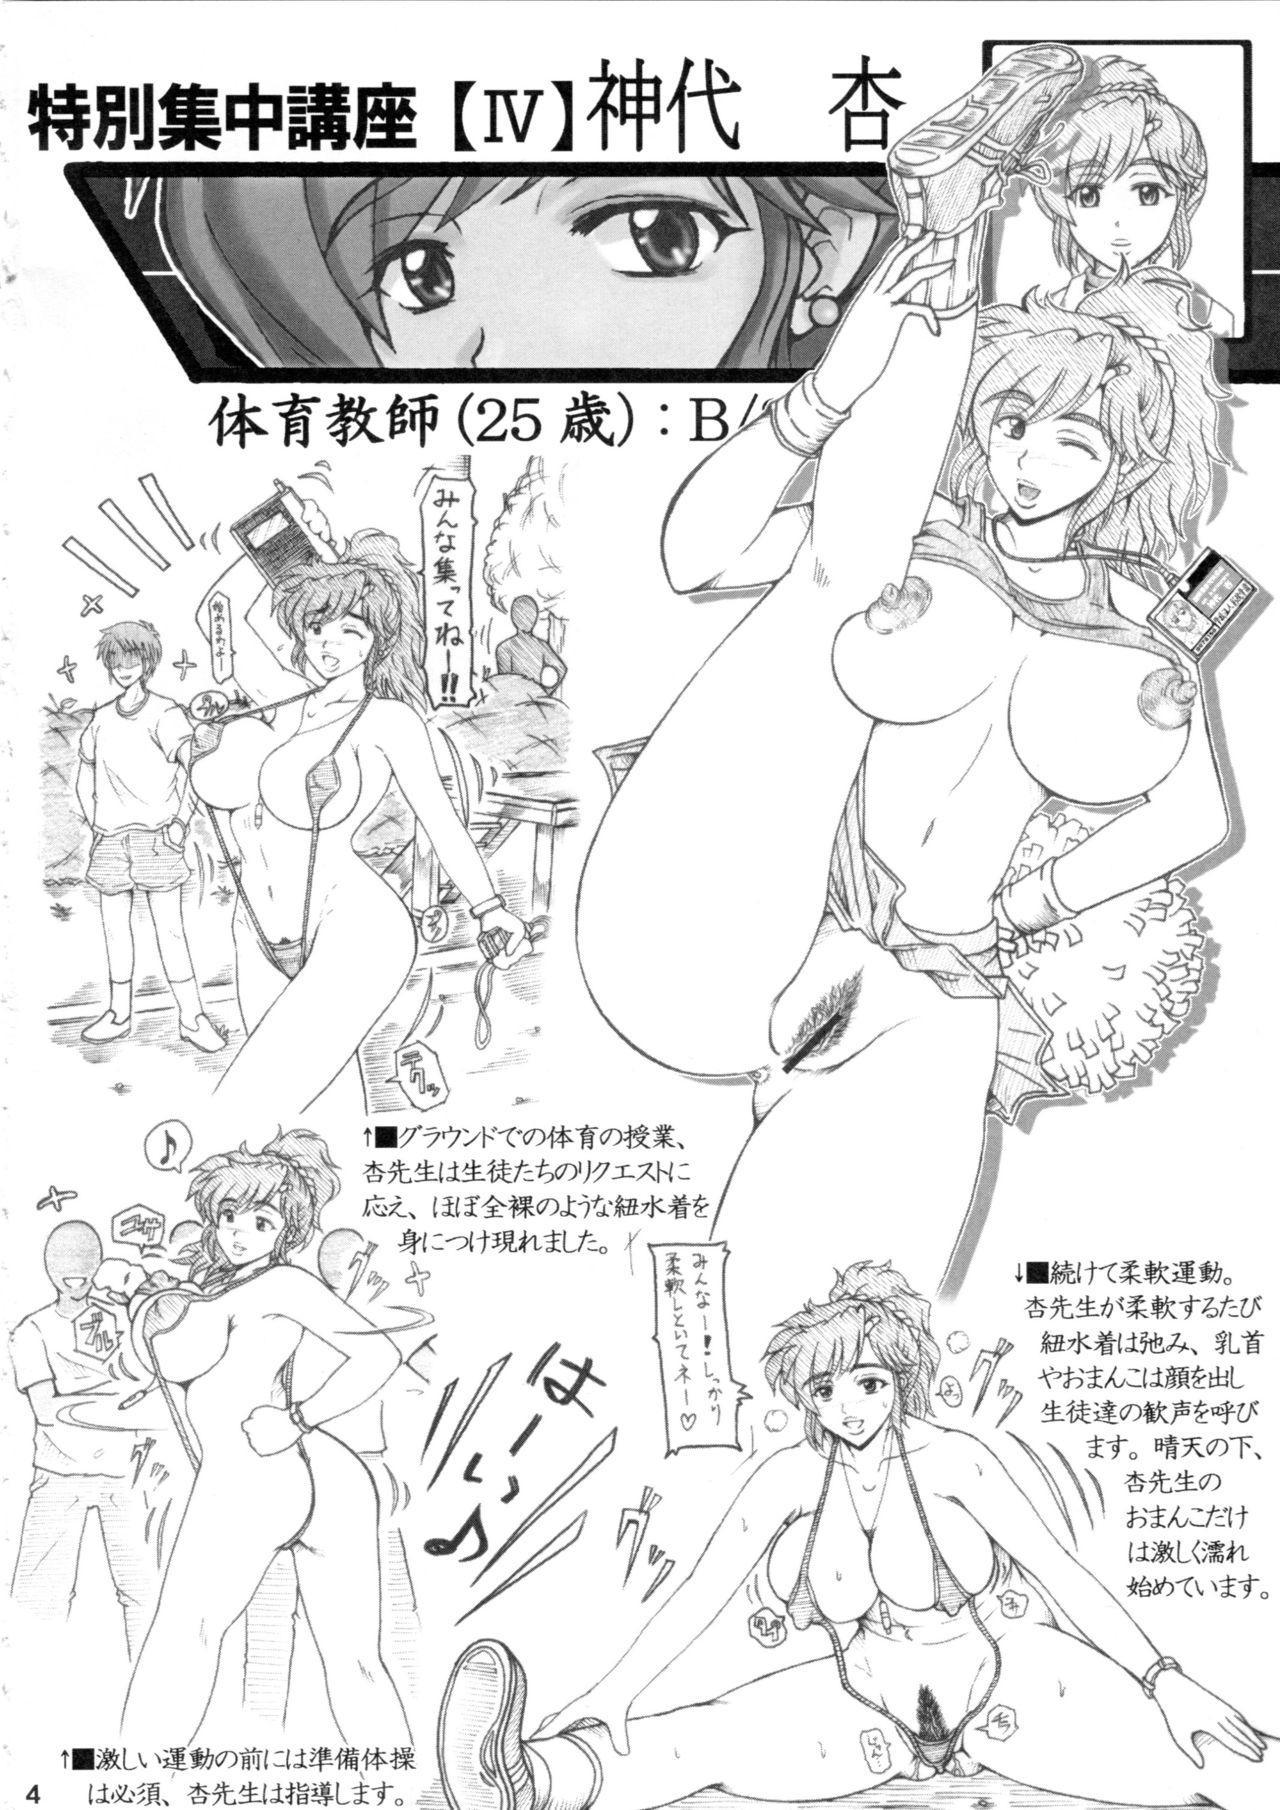 Onna Kyoushi-gun Ryoujoku Enchitai III season 2